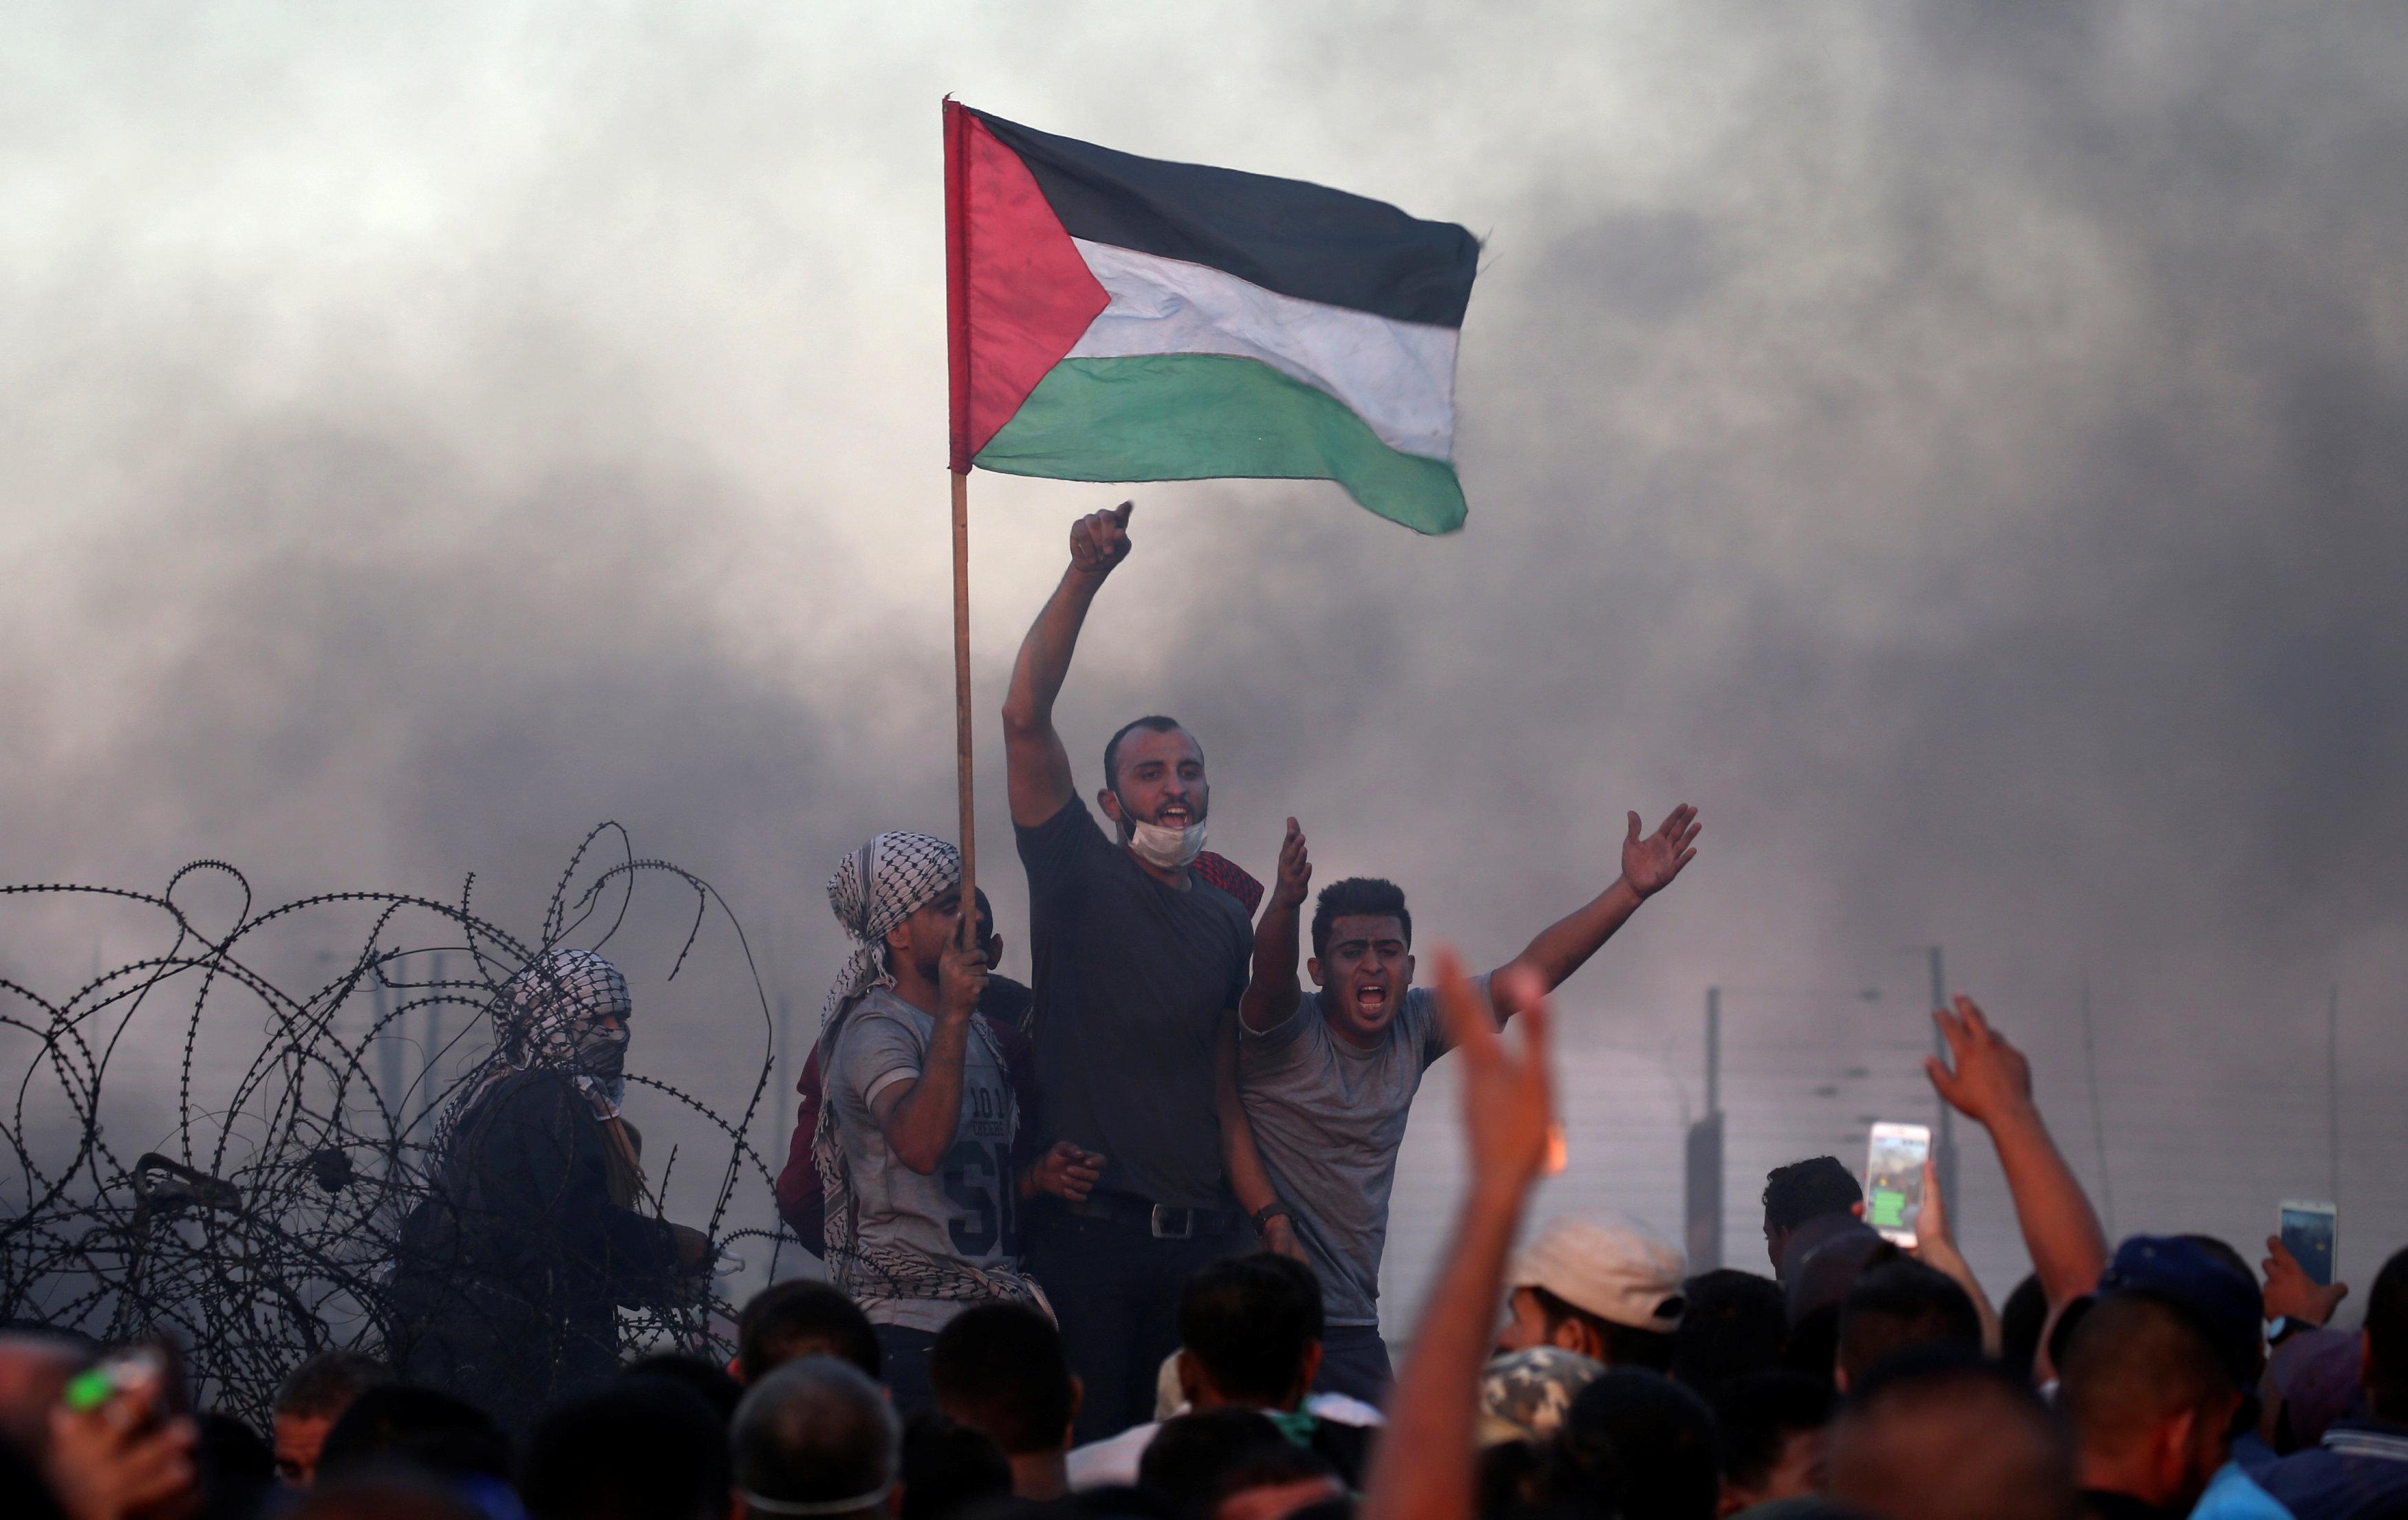 إصابة عشرات الفلسطينيين بالاختناق عقب قمع الاحتلال مسيرة برام الله